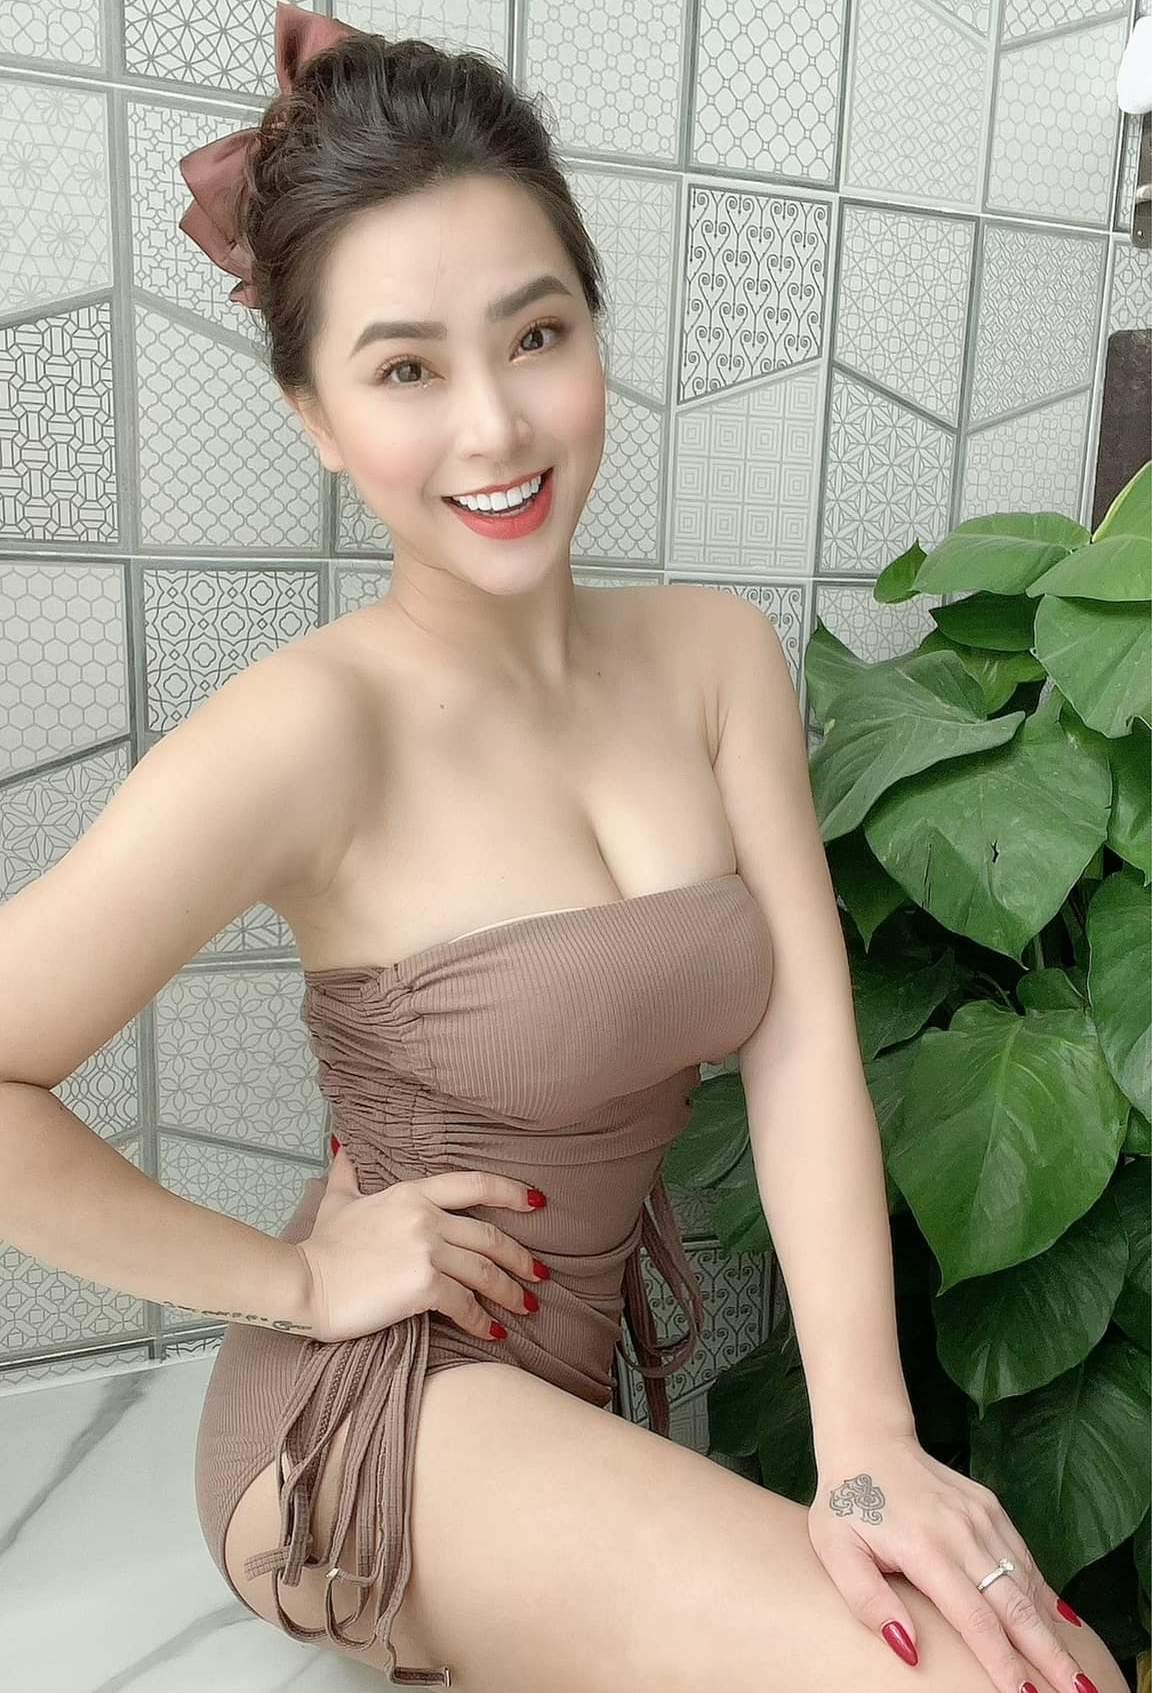 Thời trang bán hàng online mùa dịch của sao Việt bị chê phản cảm - 6